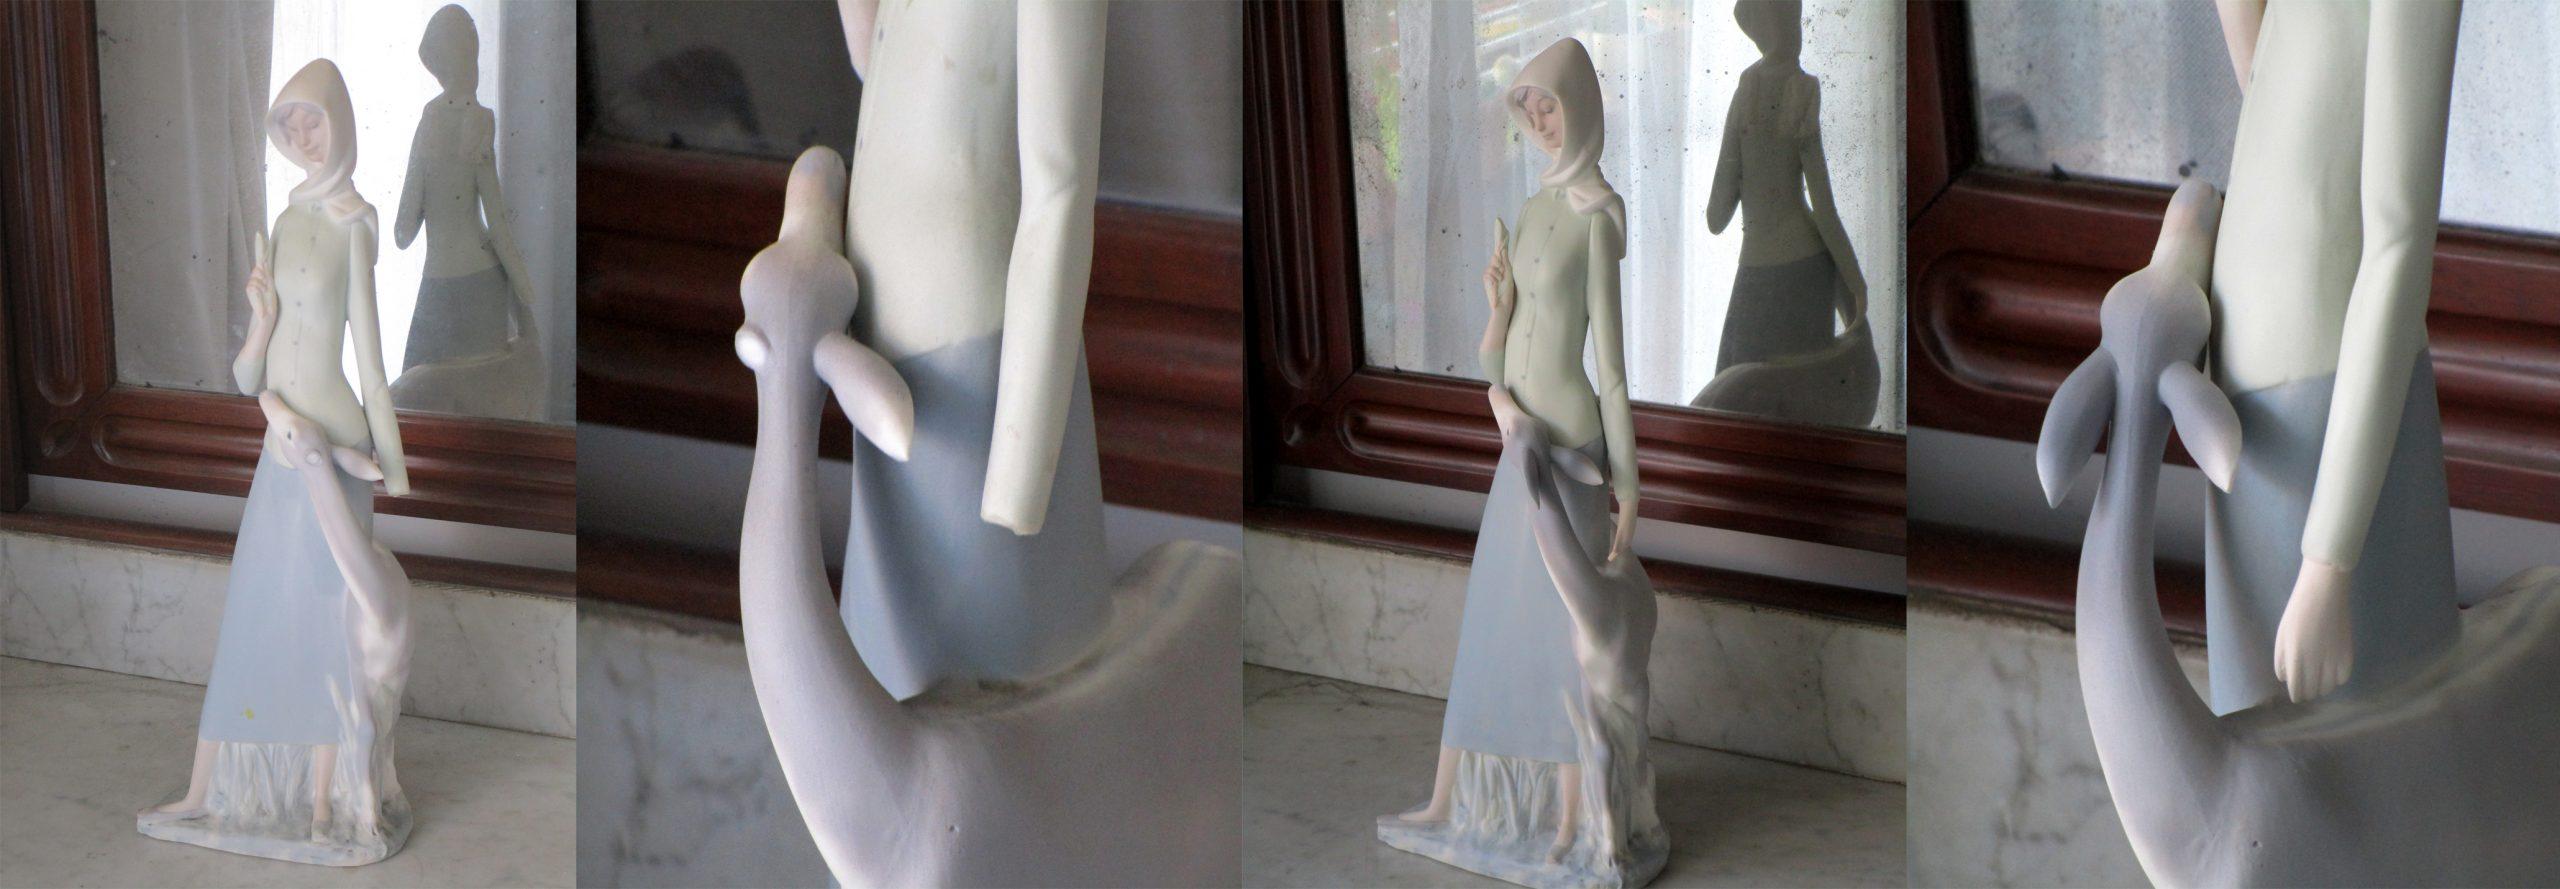 Restauració i reconstrucció de porcellana de gres de la marca Nao